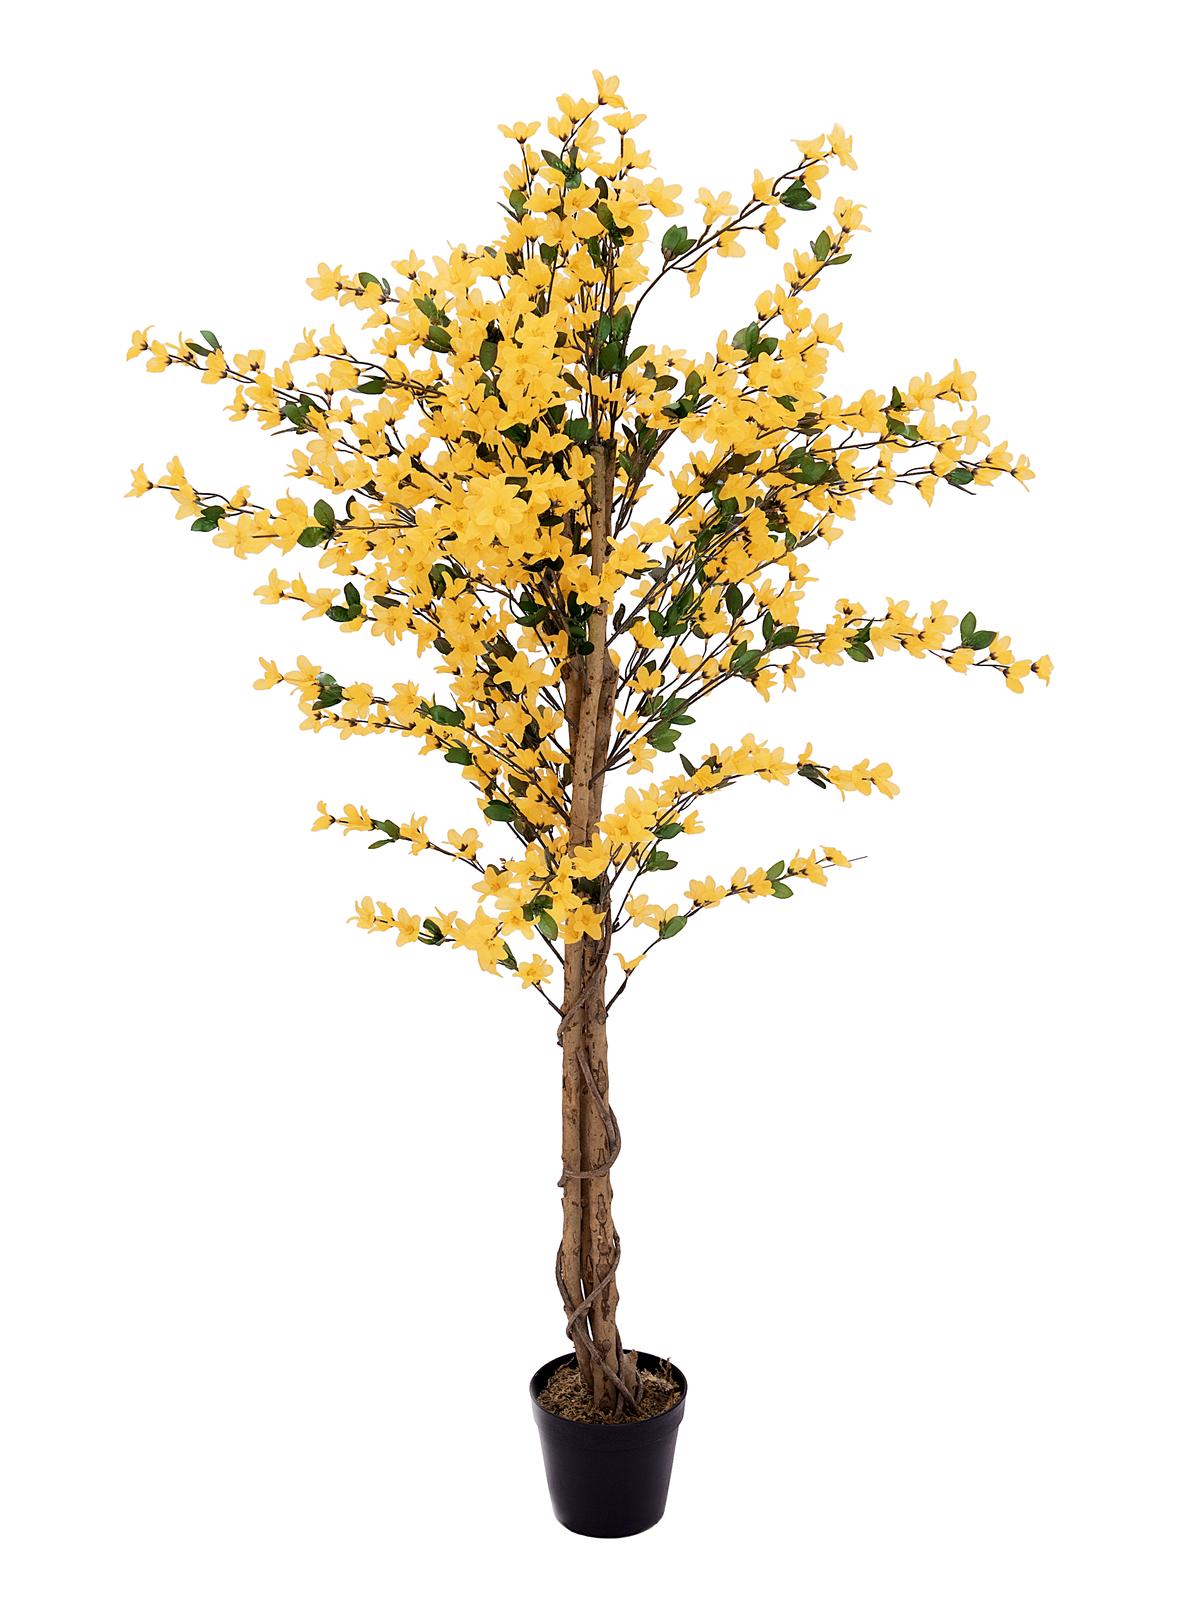 EUROPALMS Forsythienbaum mit 3 Stämmen, Kunstpflanze, gelb, 150cm